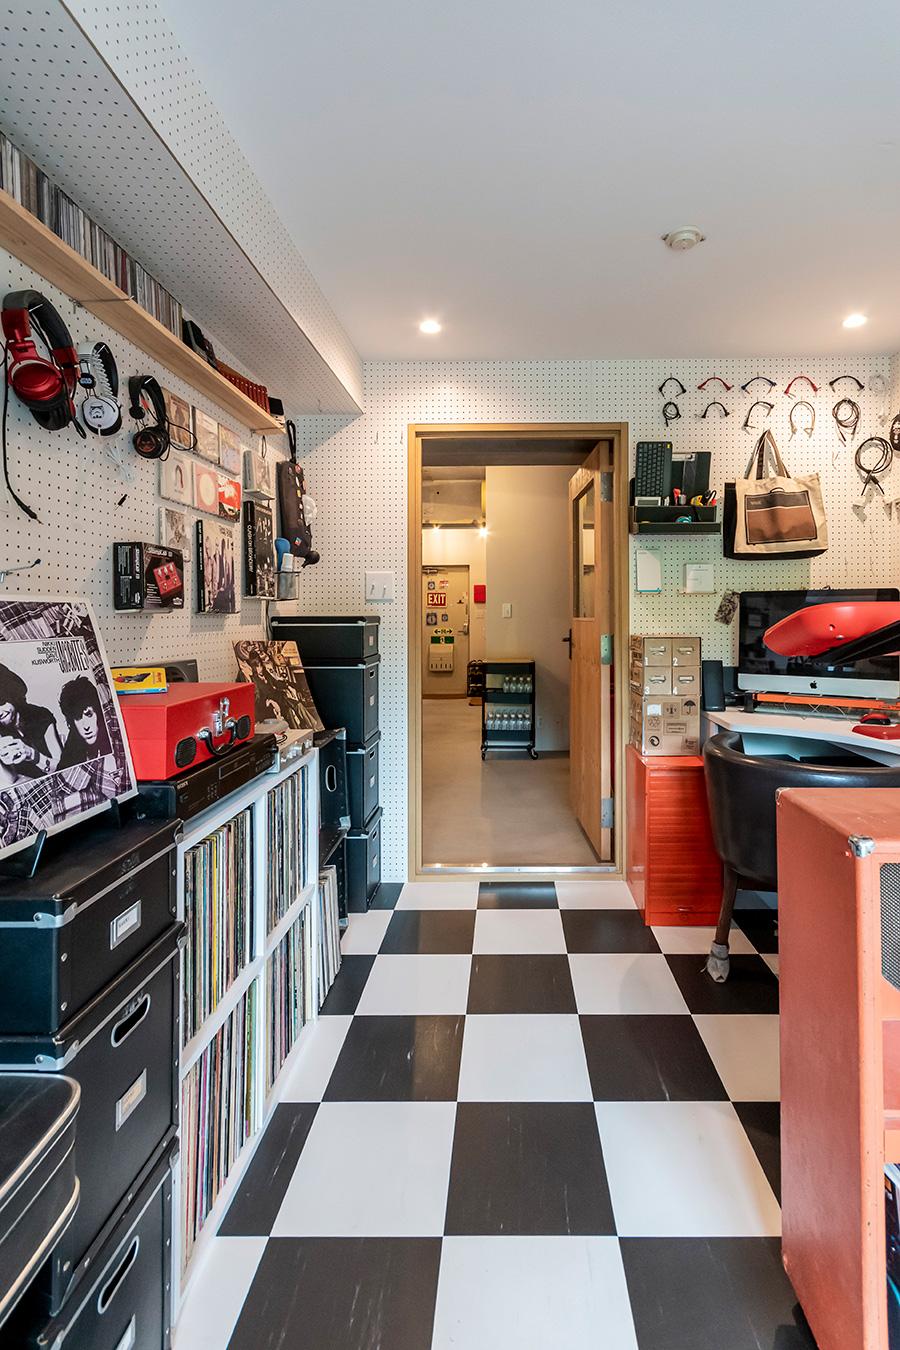 床はライブハウスをイメージして白黒の市松模様に。